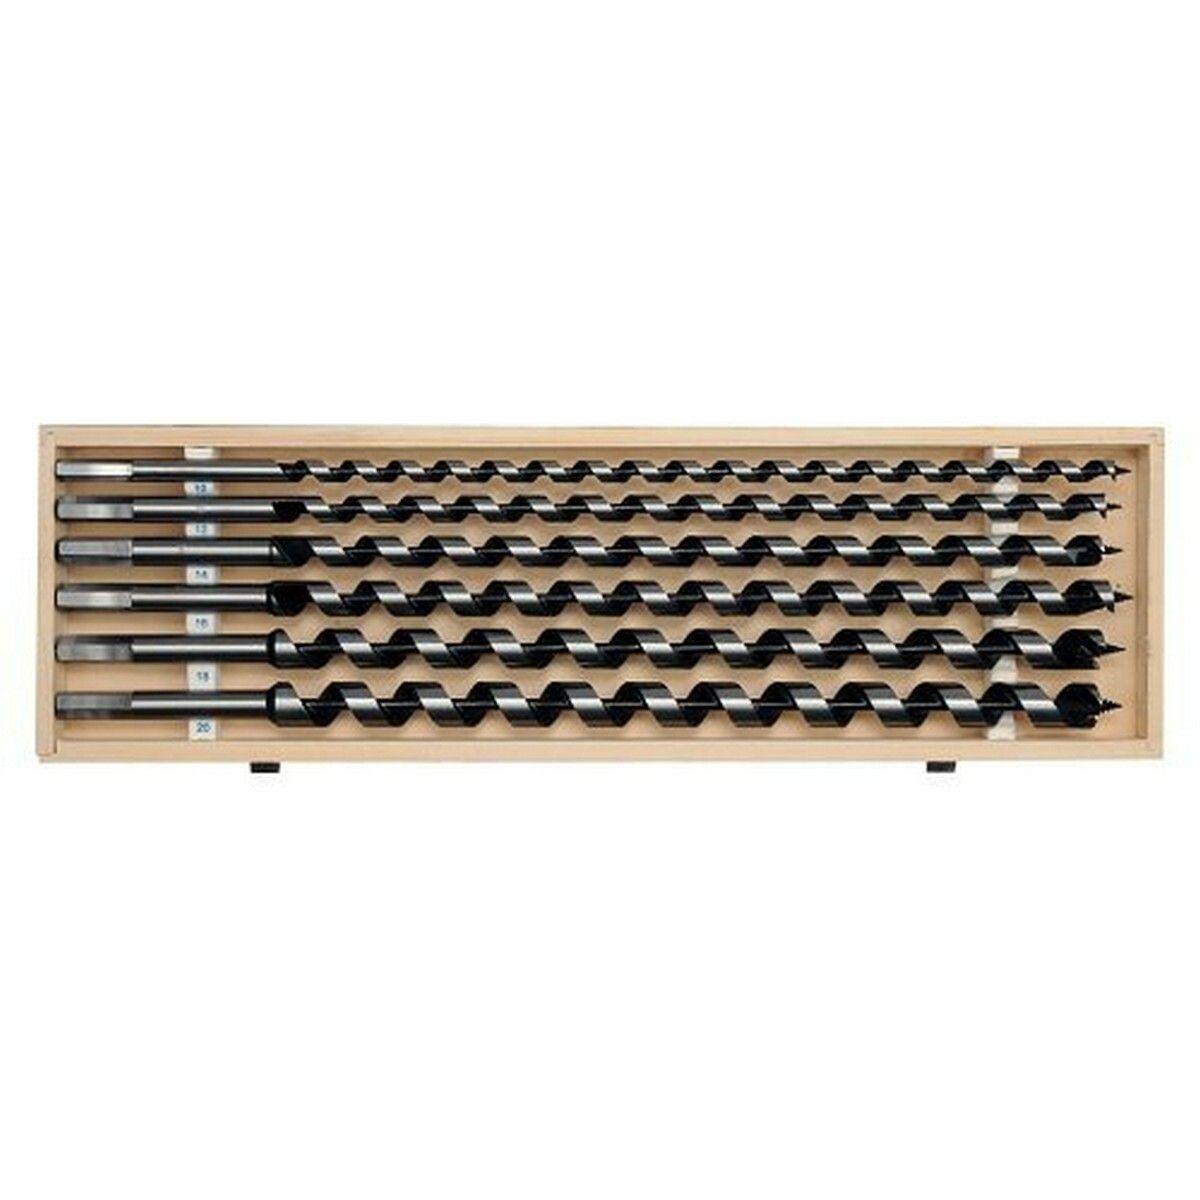 Sada hadovitých vrtáků do dřeva 10.12.14.16.18.20 délka 460mm YATO